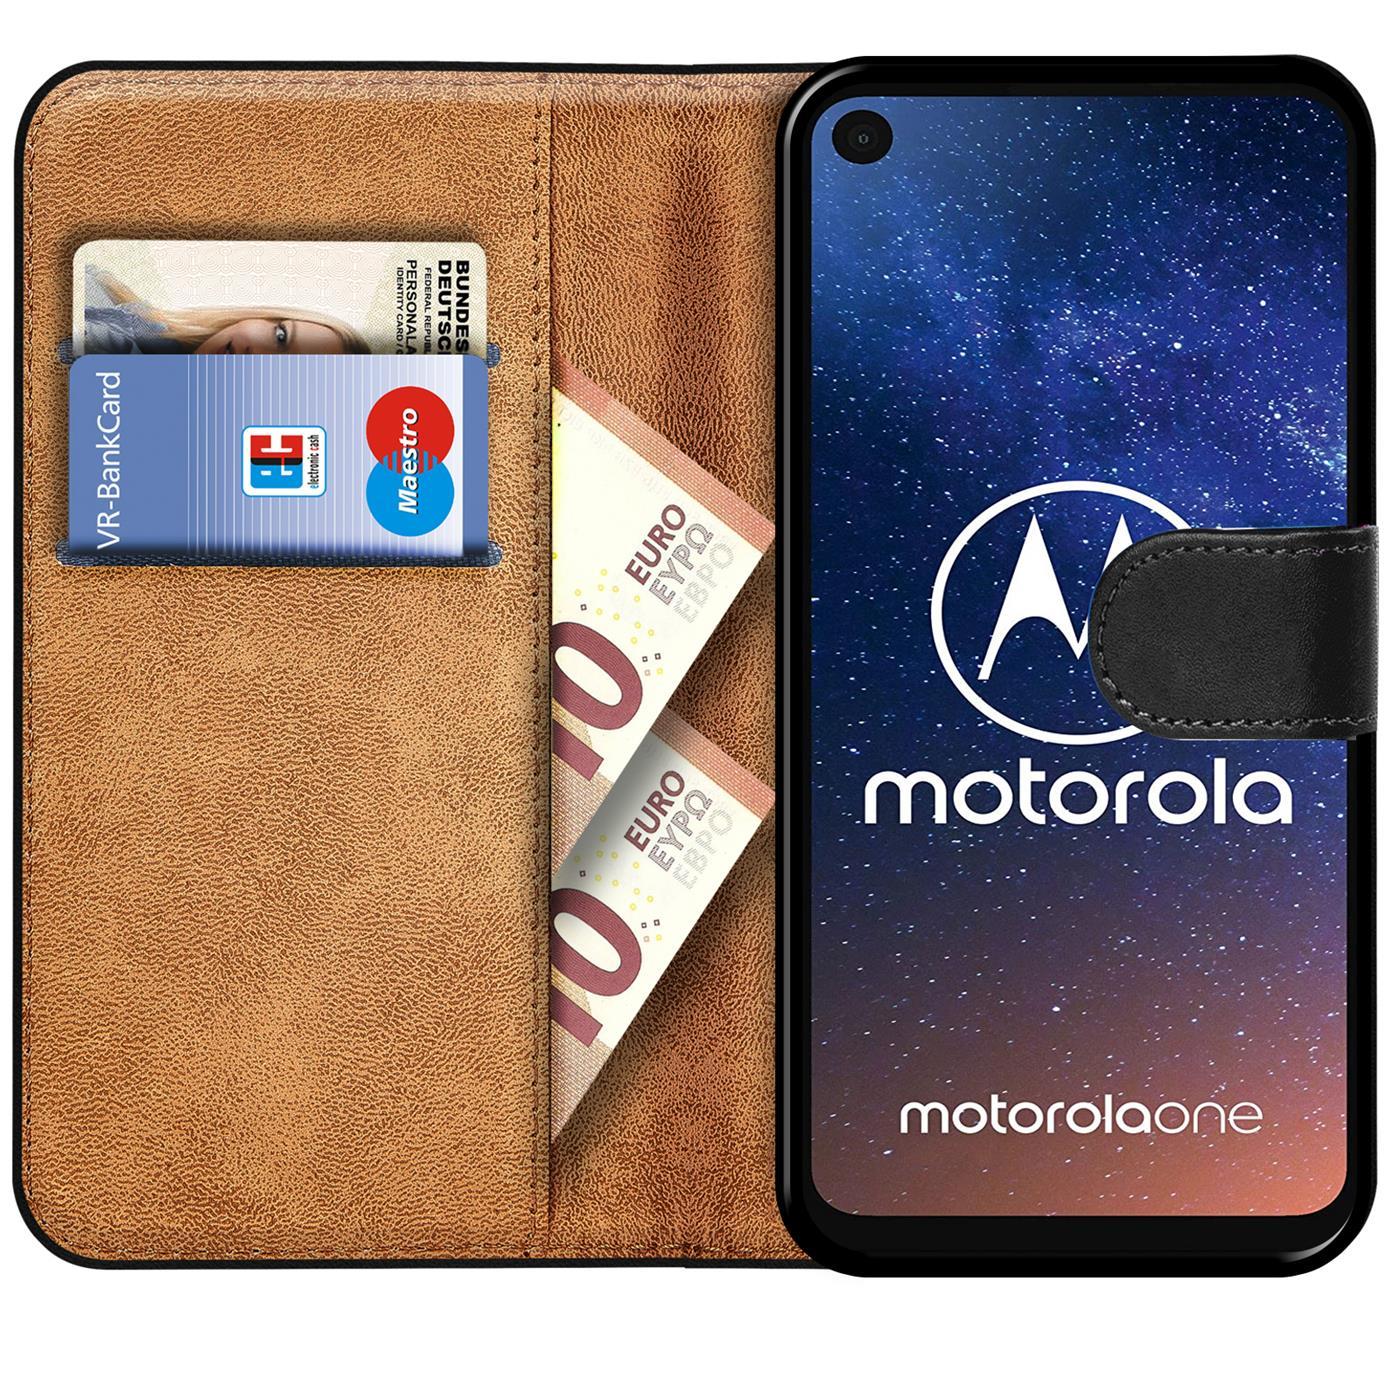 Book-Case-fuer-Motorola-One-Action-Huelle-Tasche-Flip-Cover-Handy-Schutz-Huelle Indexbild 9